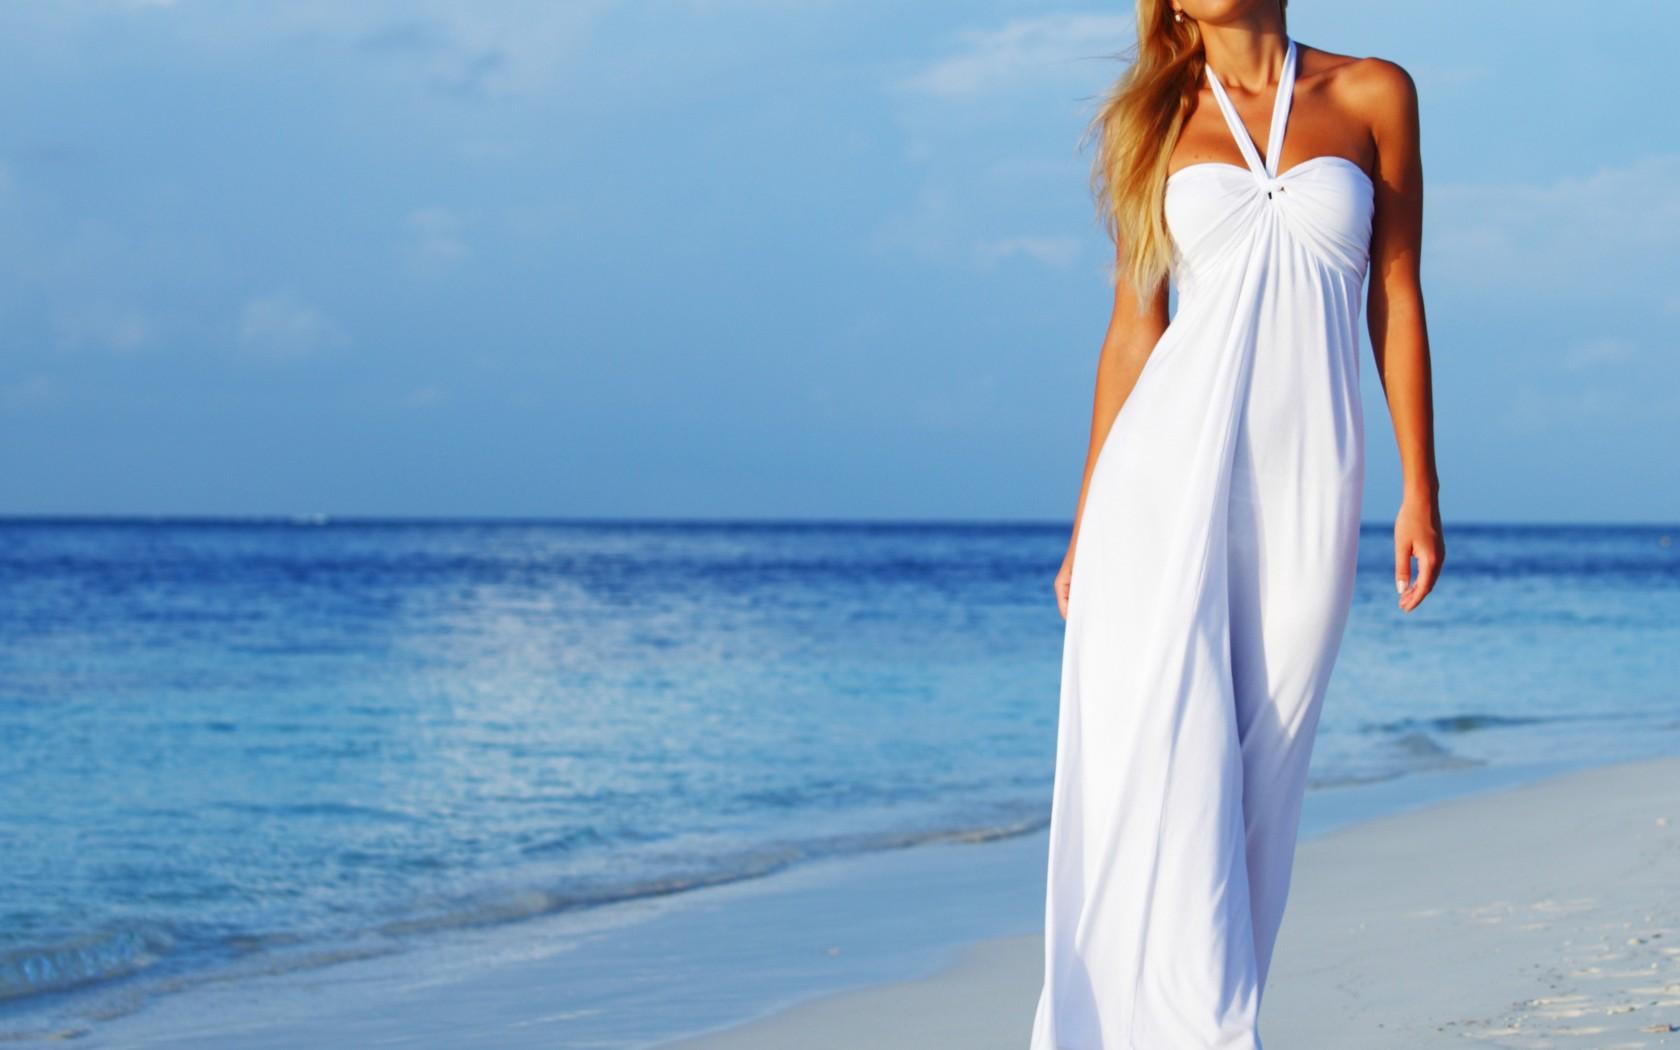 Фото девушек в длинных платьях на пляже